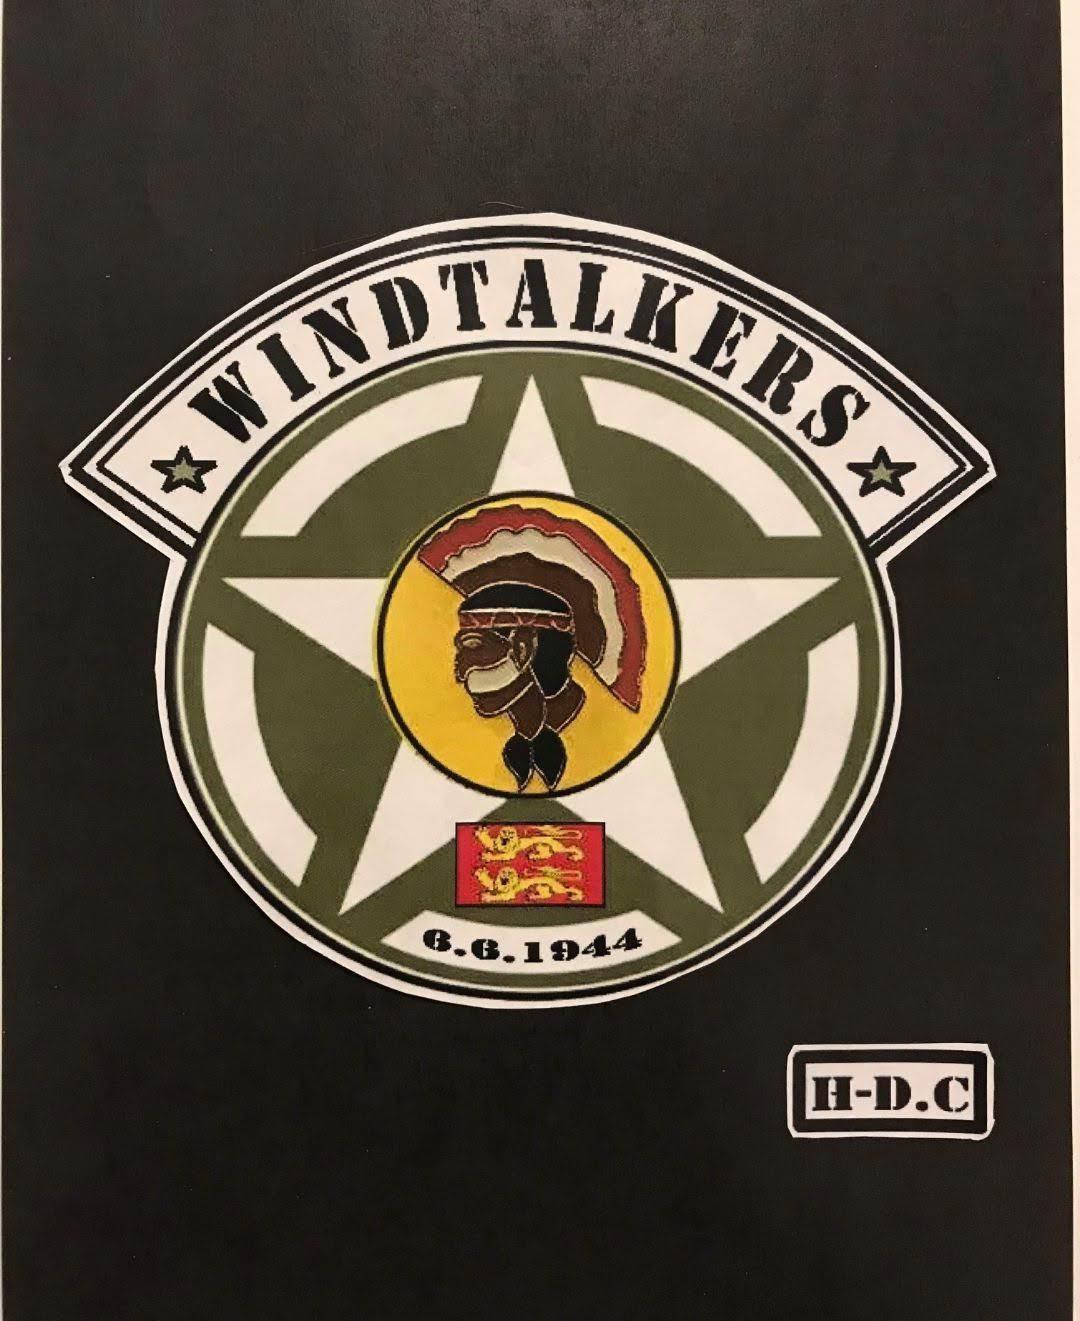 HDC WINDTALKERS